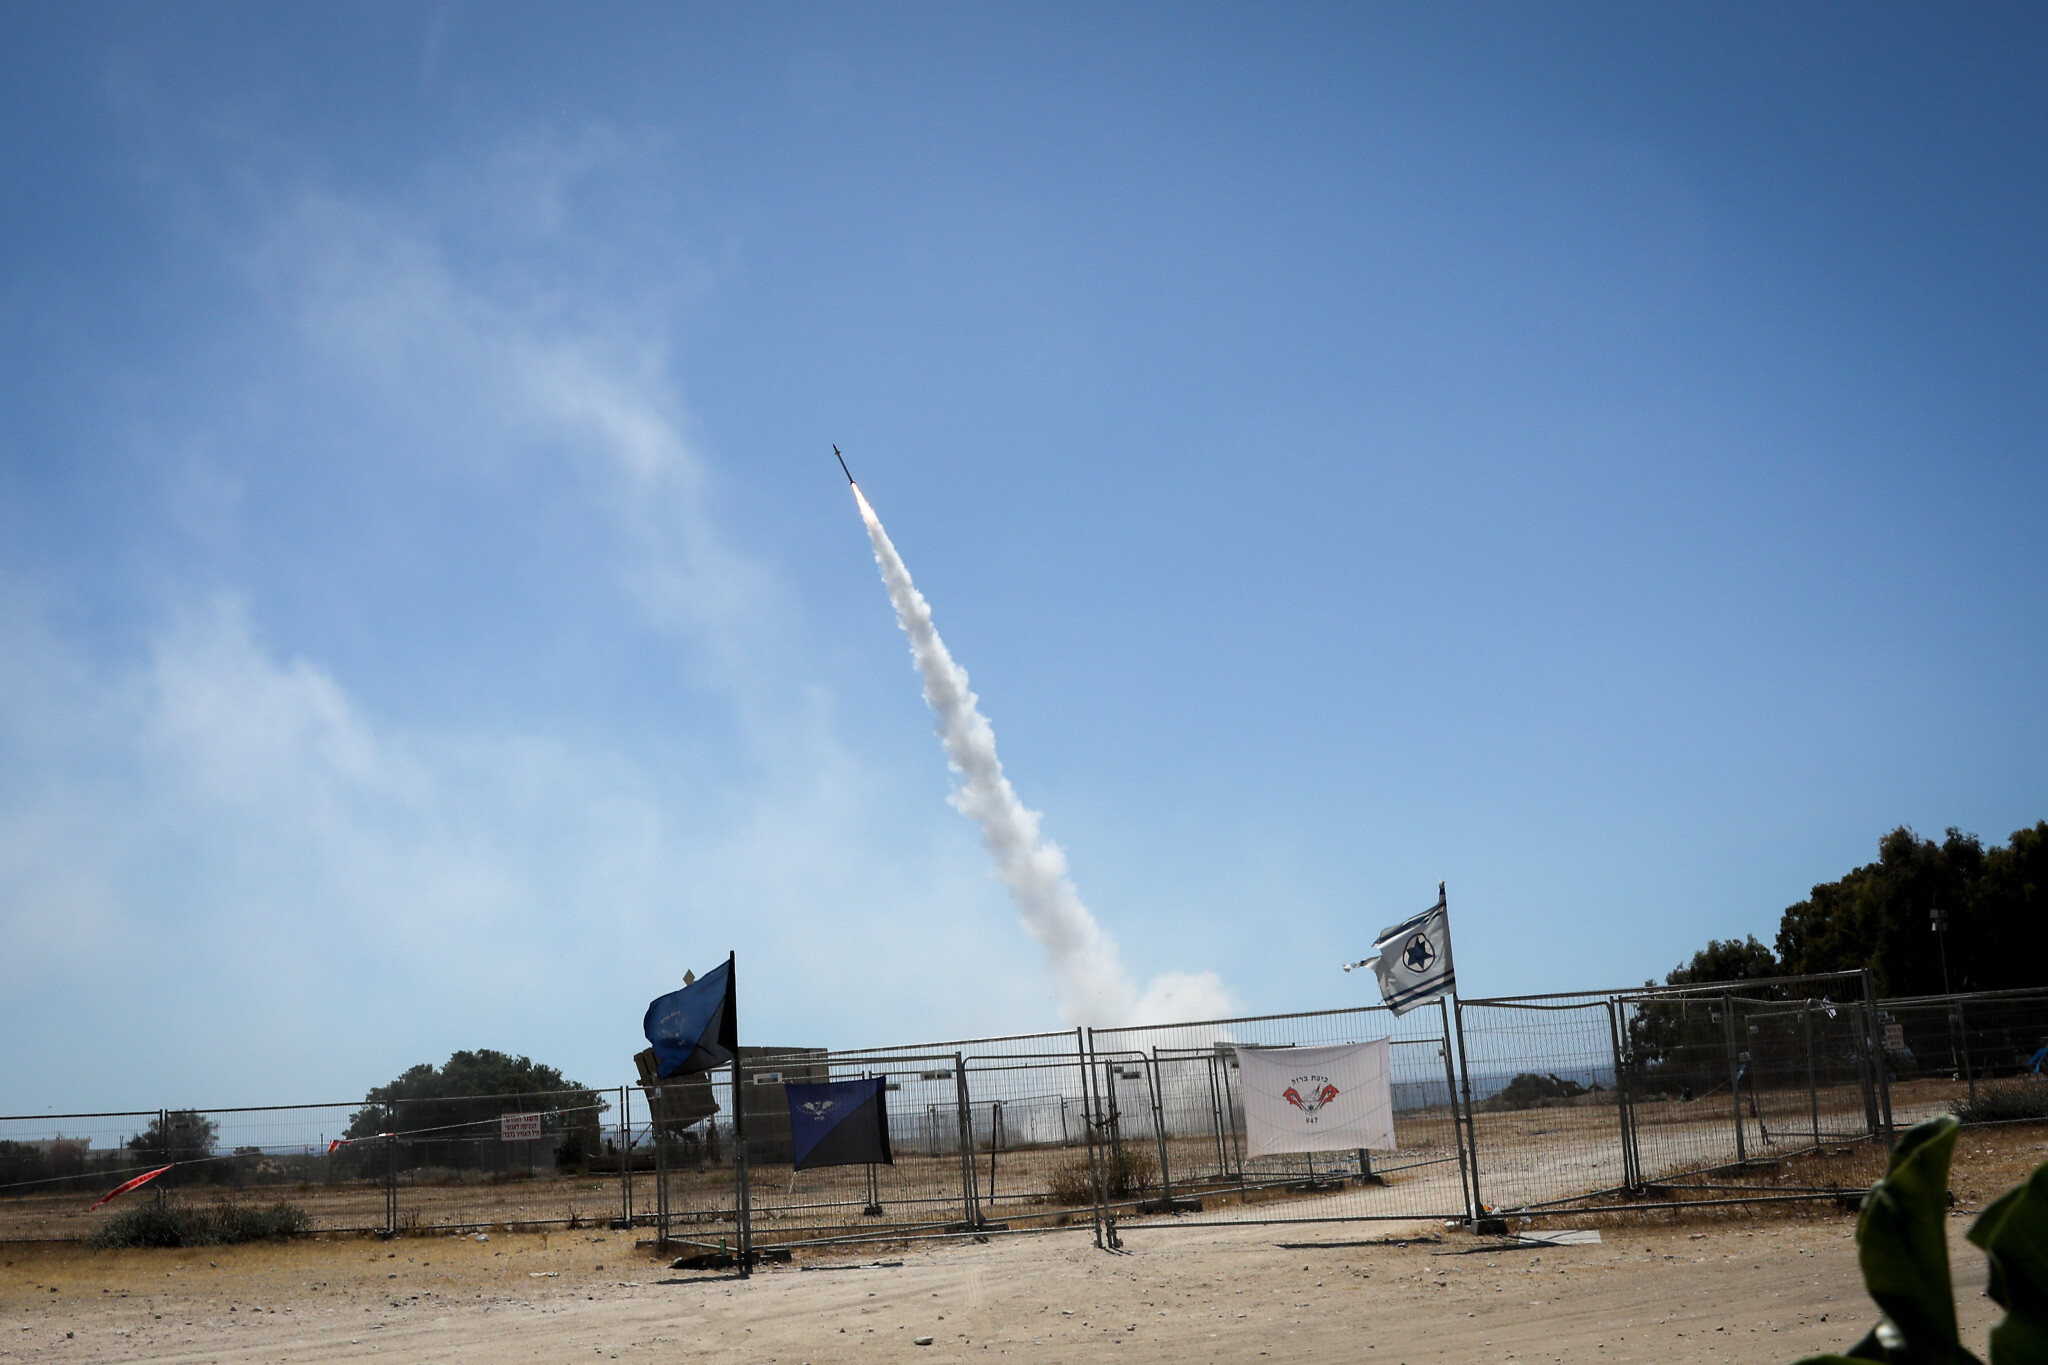 Rudal pencegat yang ditembakkan dari sistem pertahanan Iron Dome yang ditempatkan di Askhelon, israel, pada 19 Mei 2021 lalu. (Foto: Olivier Fitoussi/Flash90)